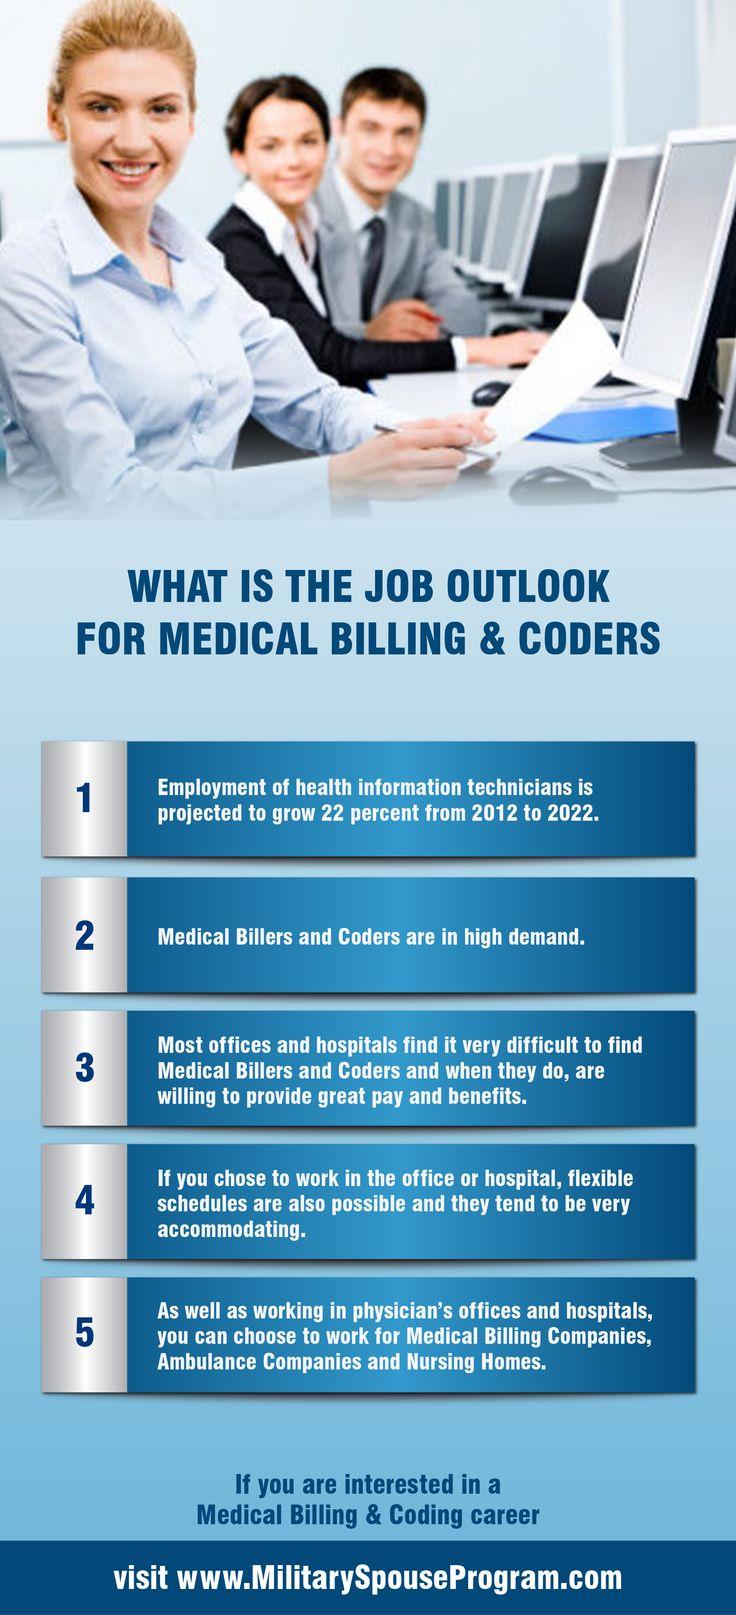 24 best medical billing and coding images on pinterest calendar job outlook for medical billing coders xflitez Choice Image